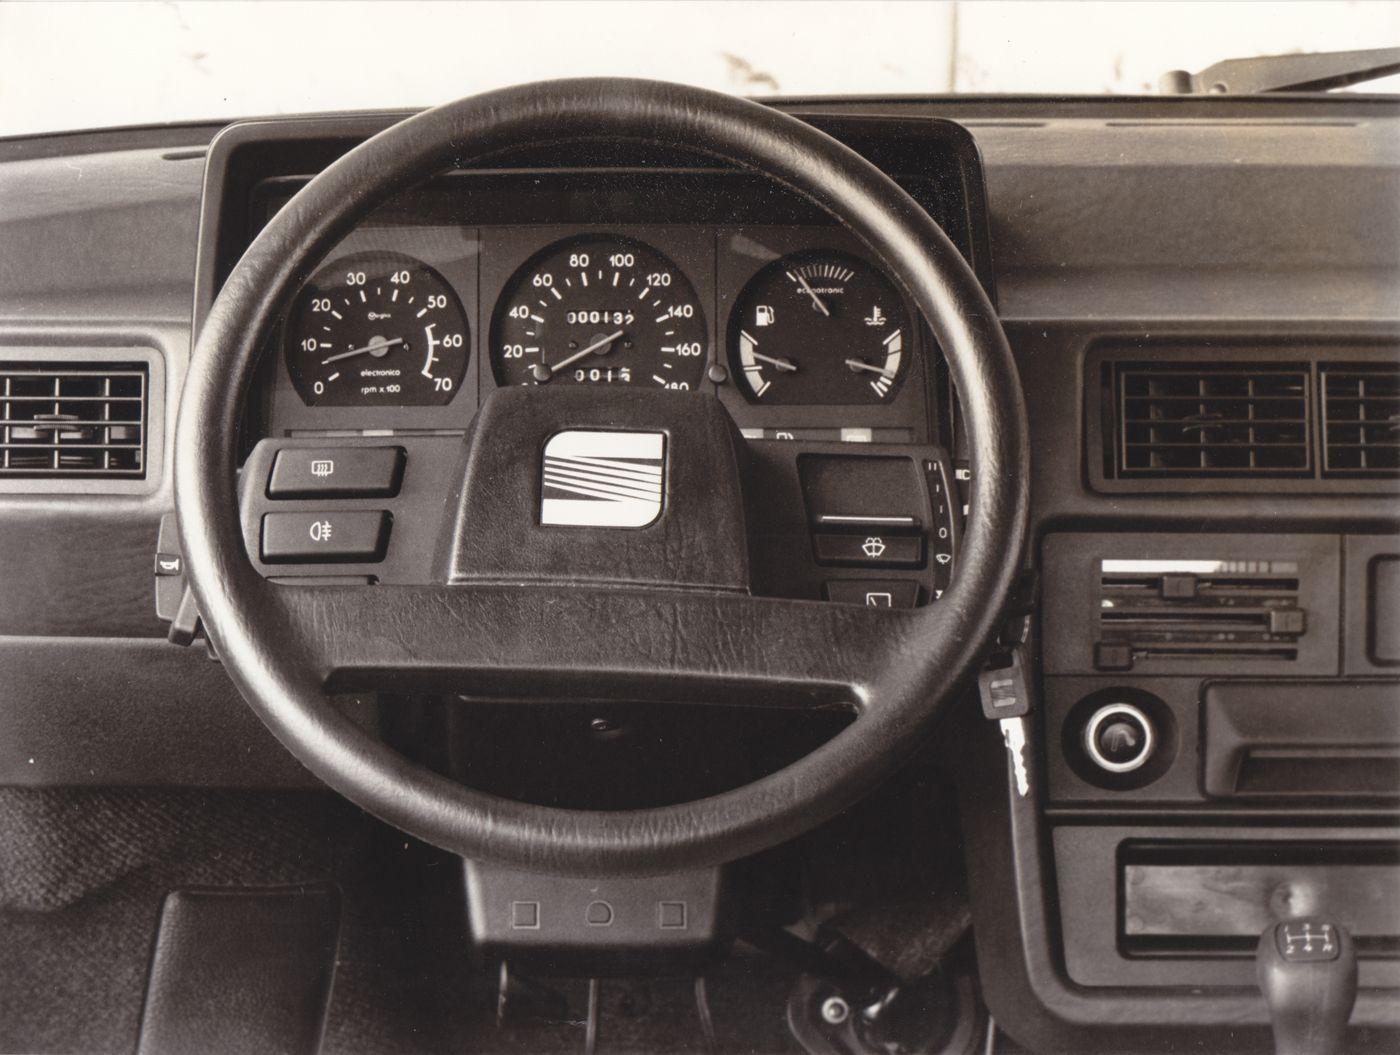 Seat Ibiza Dashboard Car Interior Car Manufacturers Car Seats